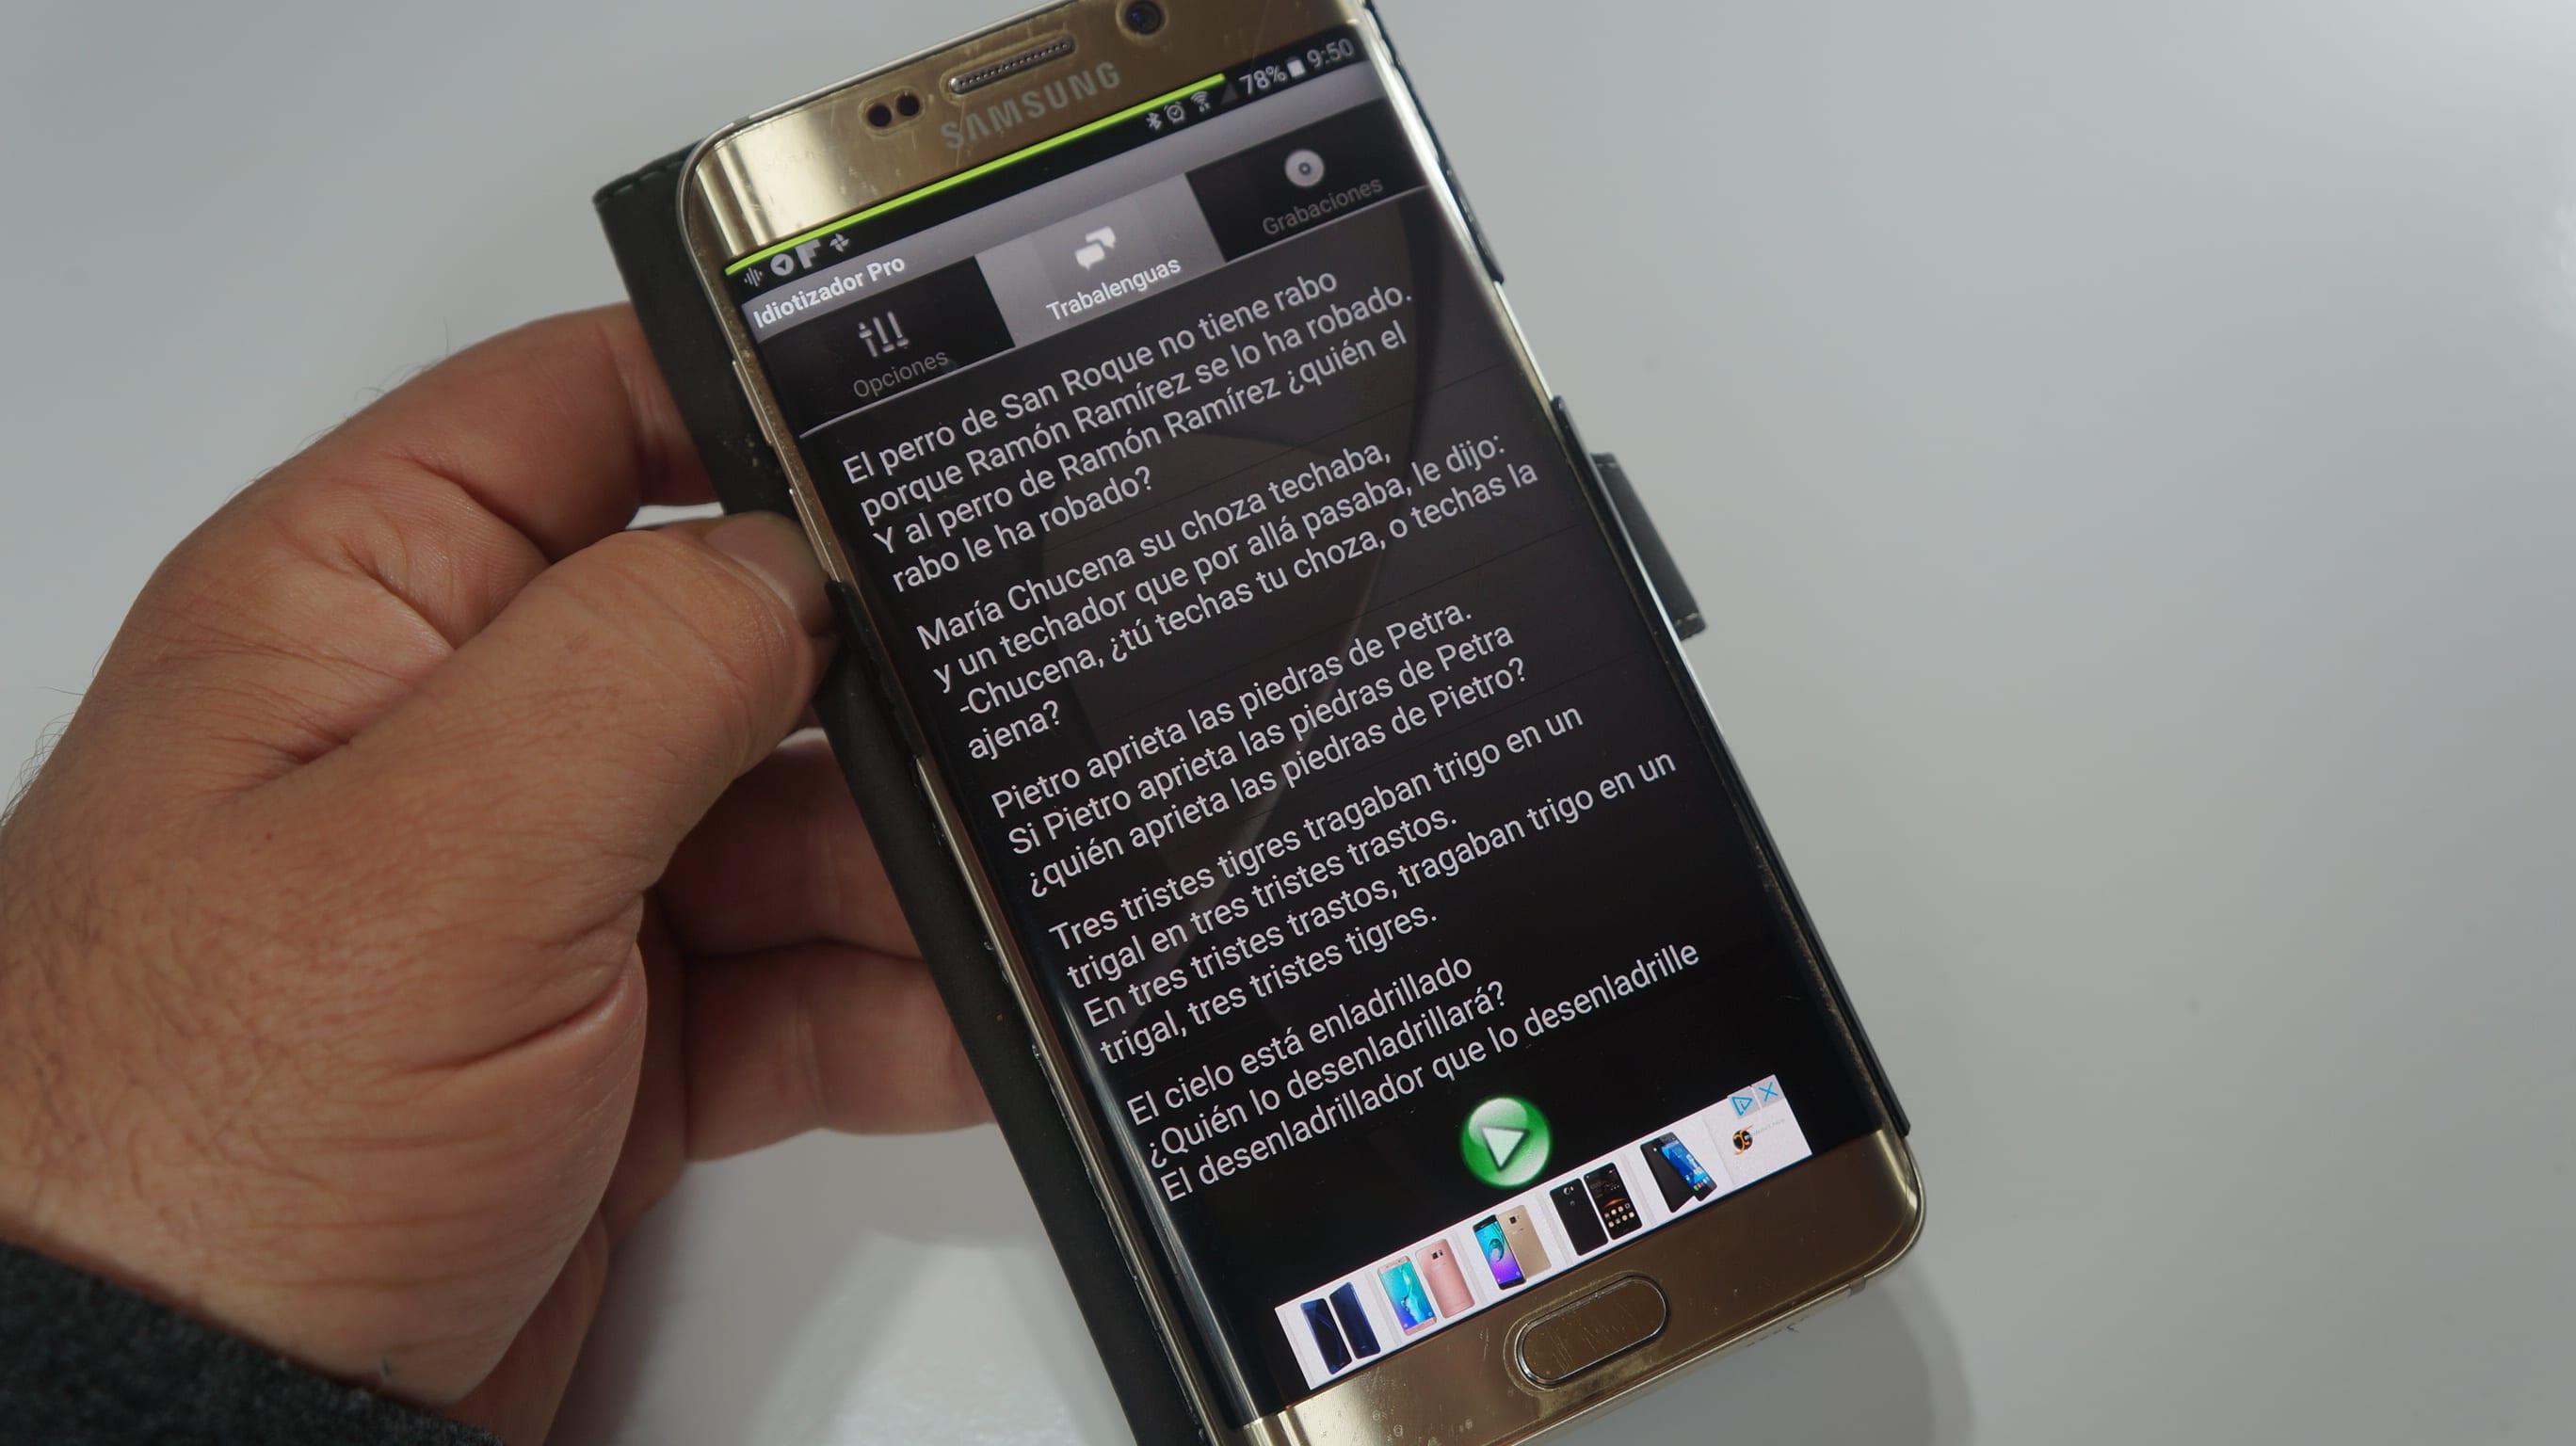 Humor Android: Hoy, el idiotizador del hormiguero en tu Android. ¿Te atreves a probarlo?.